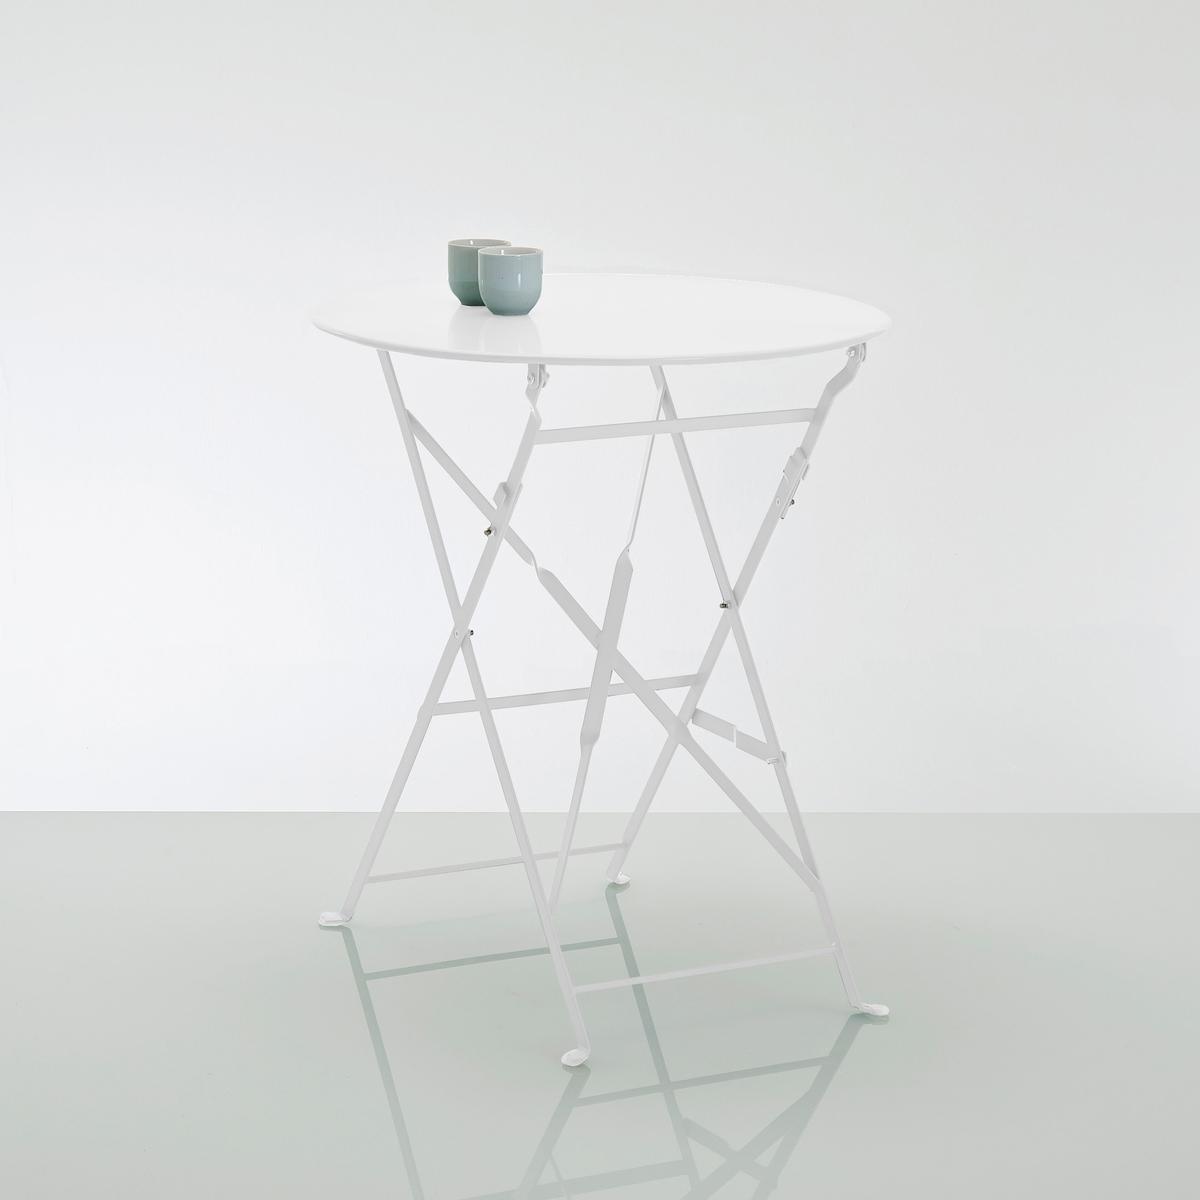 Столик складной металлическийИдеален для небольших помещений, дома или в саду, небольшой металлический столик легко складывается и собирается.Характеристики : - Из металла с цветным лаковым покрытием. -Покрытие: эпоксидная эмаль..  Поставляется в собранном виде.  Размеры : - Общие : ? 60 x В70 см. - В собранном виде : толщина 5 см.  Идея для декора : для ужина тет-а-тет на балконе или внутри помещения в качестве вспомогательного столика : эта яркая модель собирается без усилий !  *Металл с антикоррозийной обработкой и покрытием эпоксидной эмалью делает этот столик  удобным  в использовании и устойчивым к ржавчине и неблагоприятным погодным условиям. Легкий, просто перемещать и хранить.<br><br>Цвет: белый,бирюзовый,серый<br>Размер: единый размер.единый размер